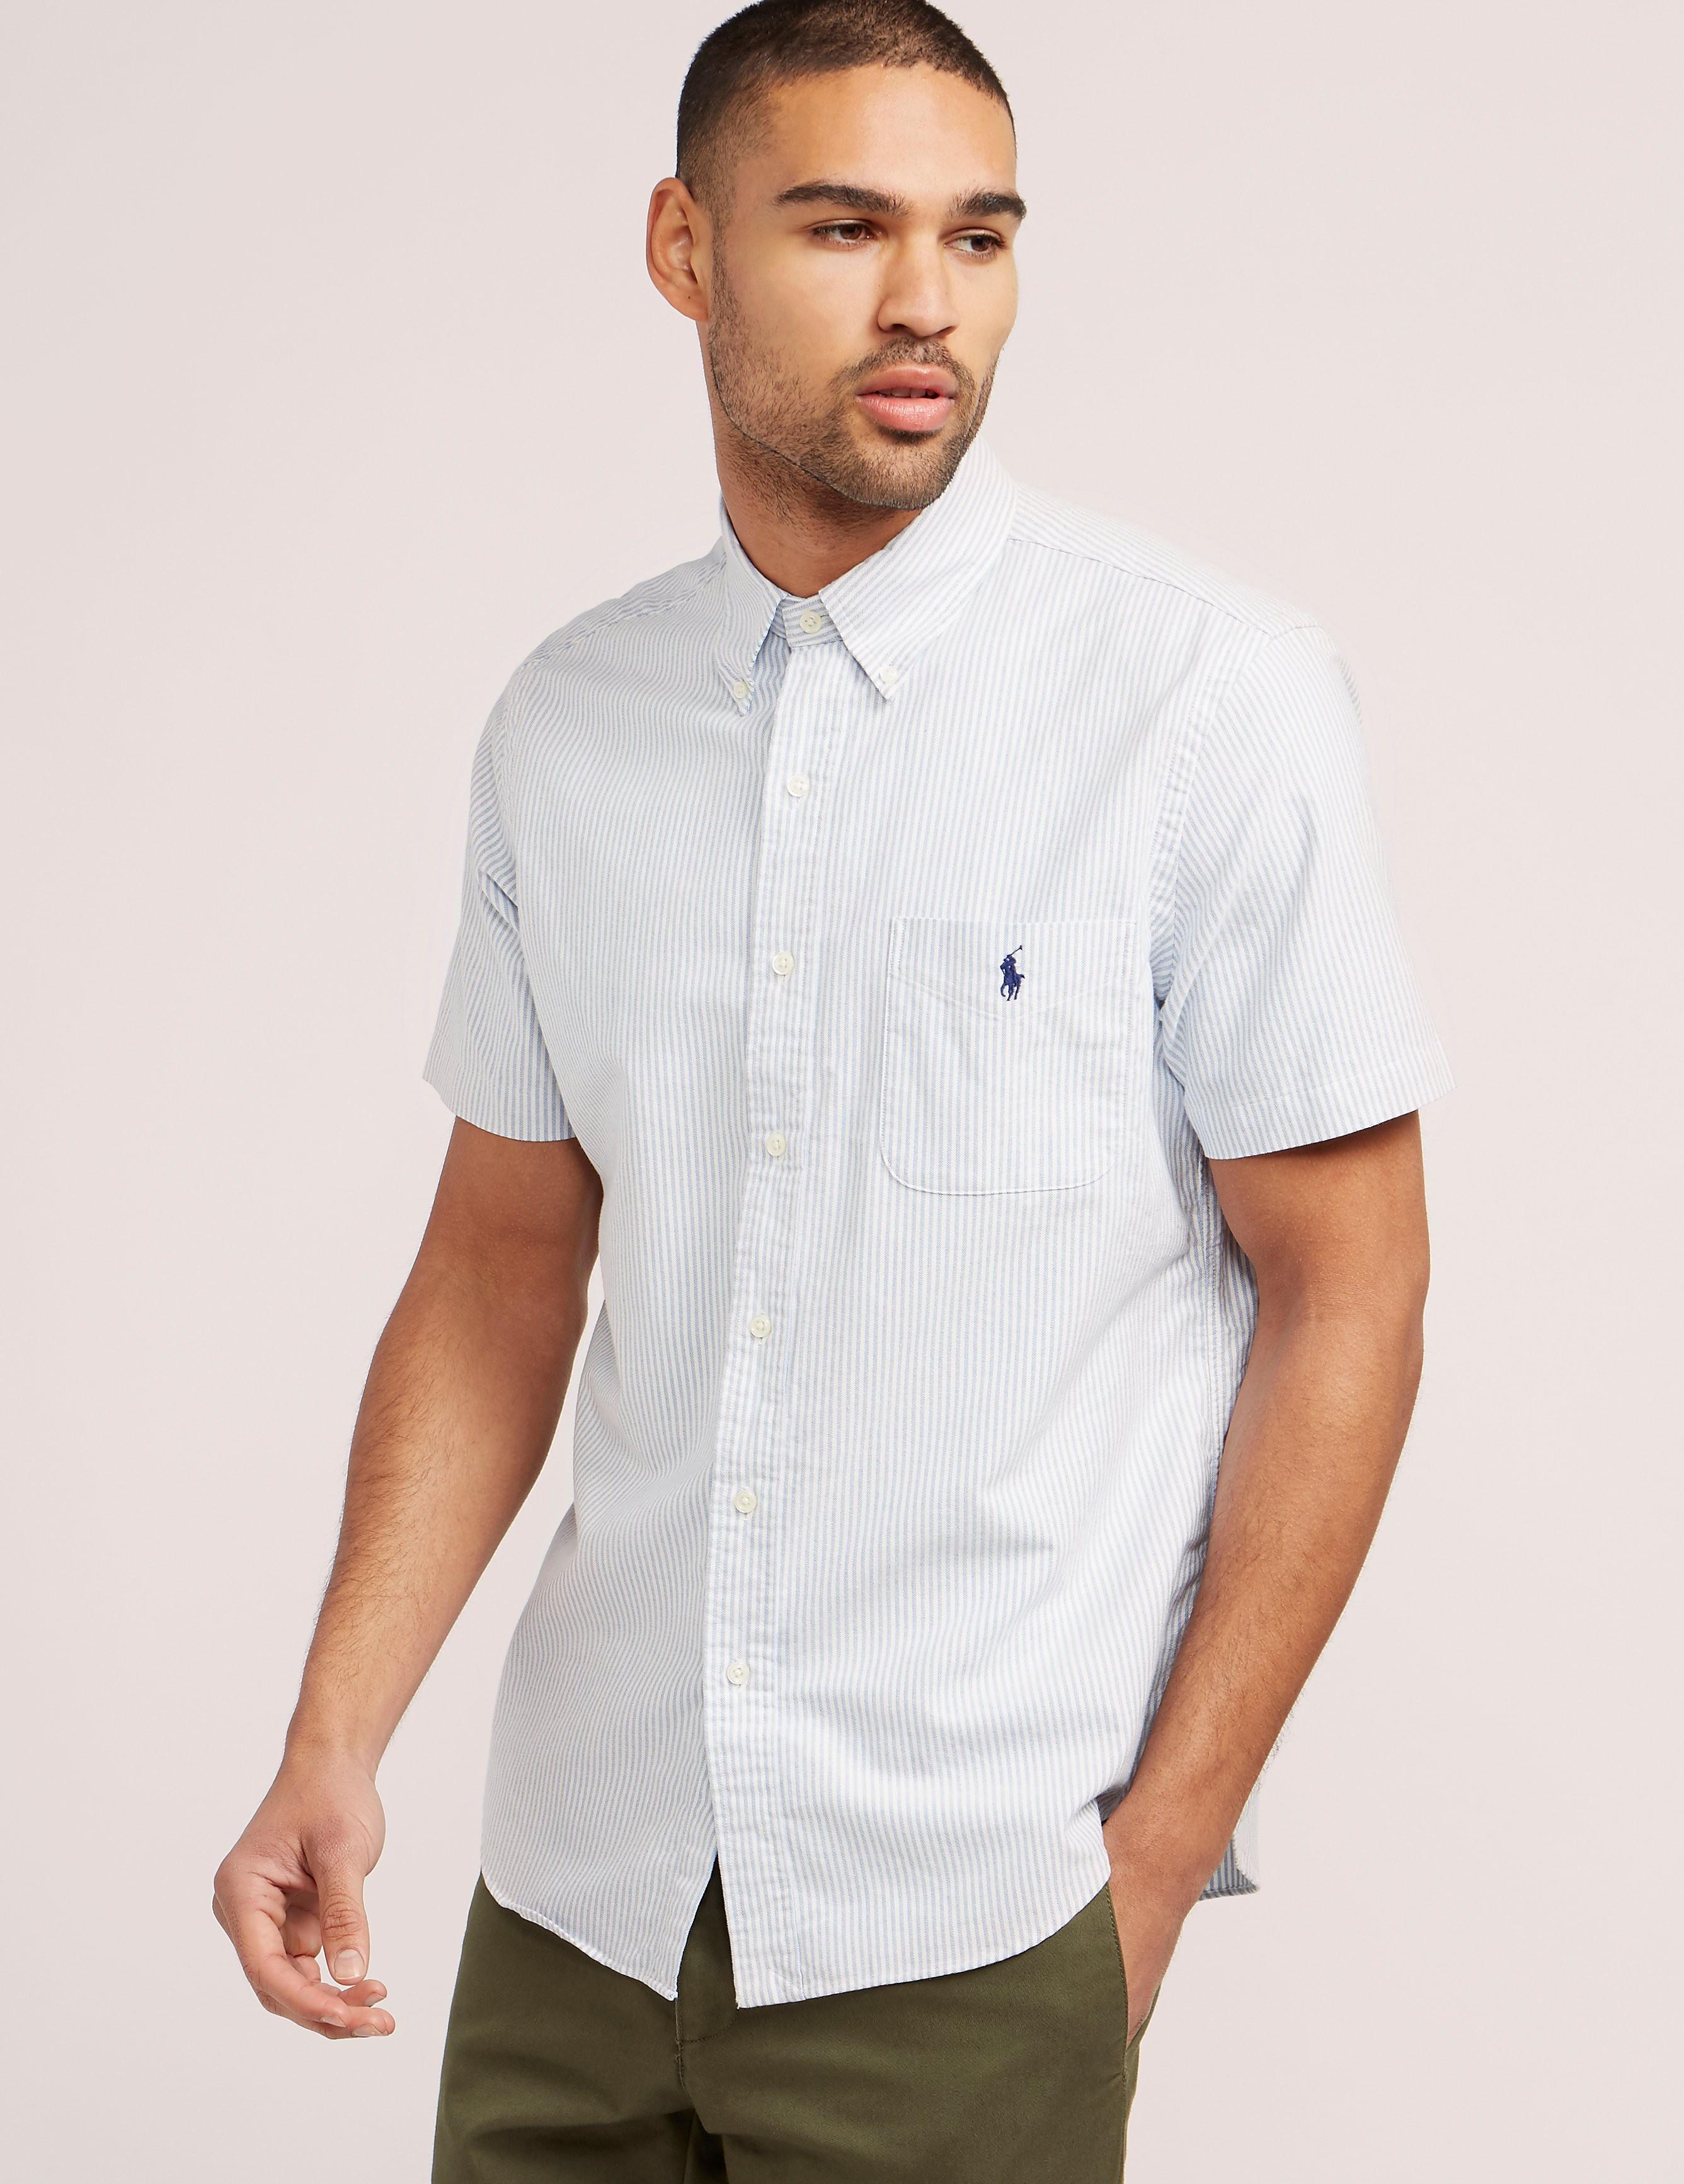 Polo Ralph Lauren Stripe Short Sleeve Shirt